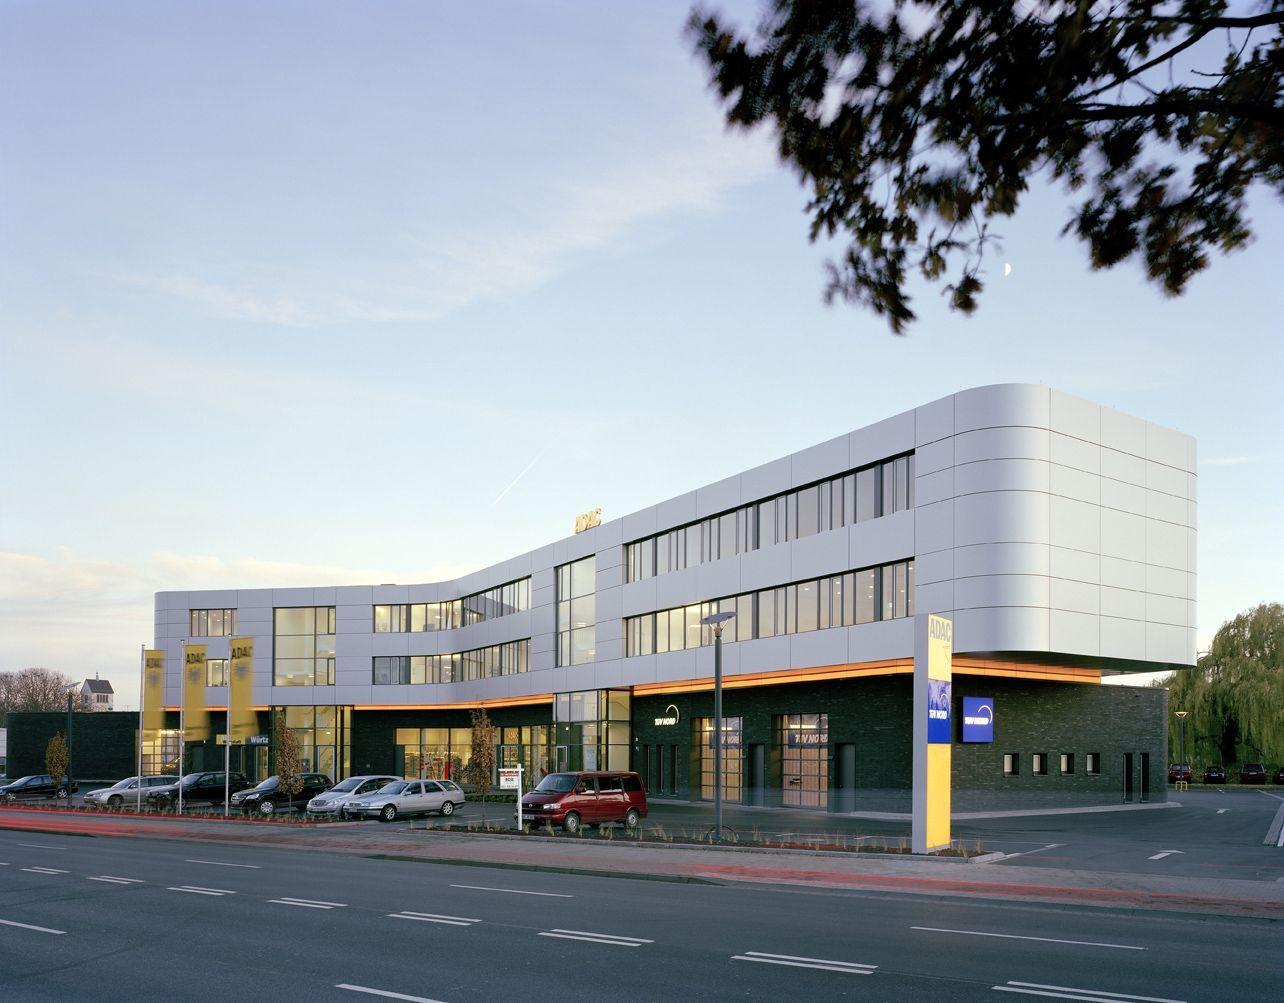 Innenarchitektur Ostwestfalen Lippe brüchner hüttemann pasch bhp architekten generalplaner gmbh bielefeld clemens ortmeyer